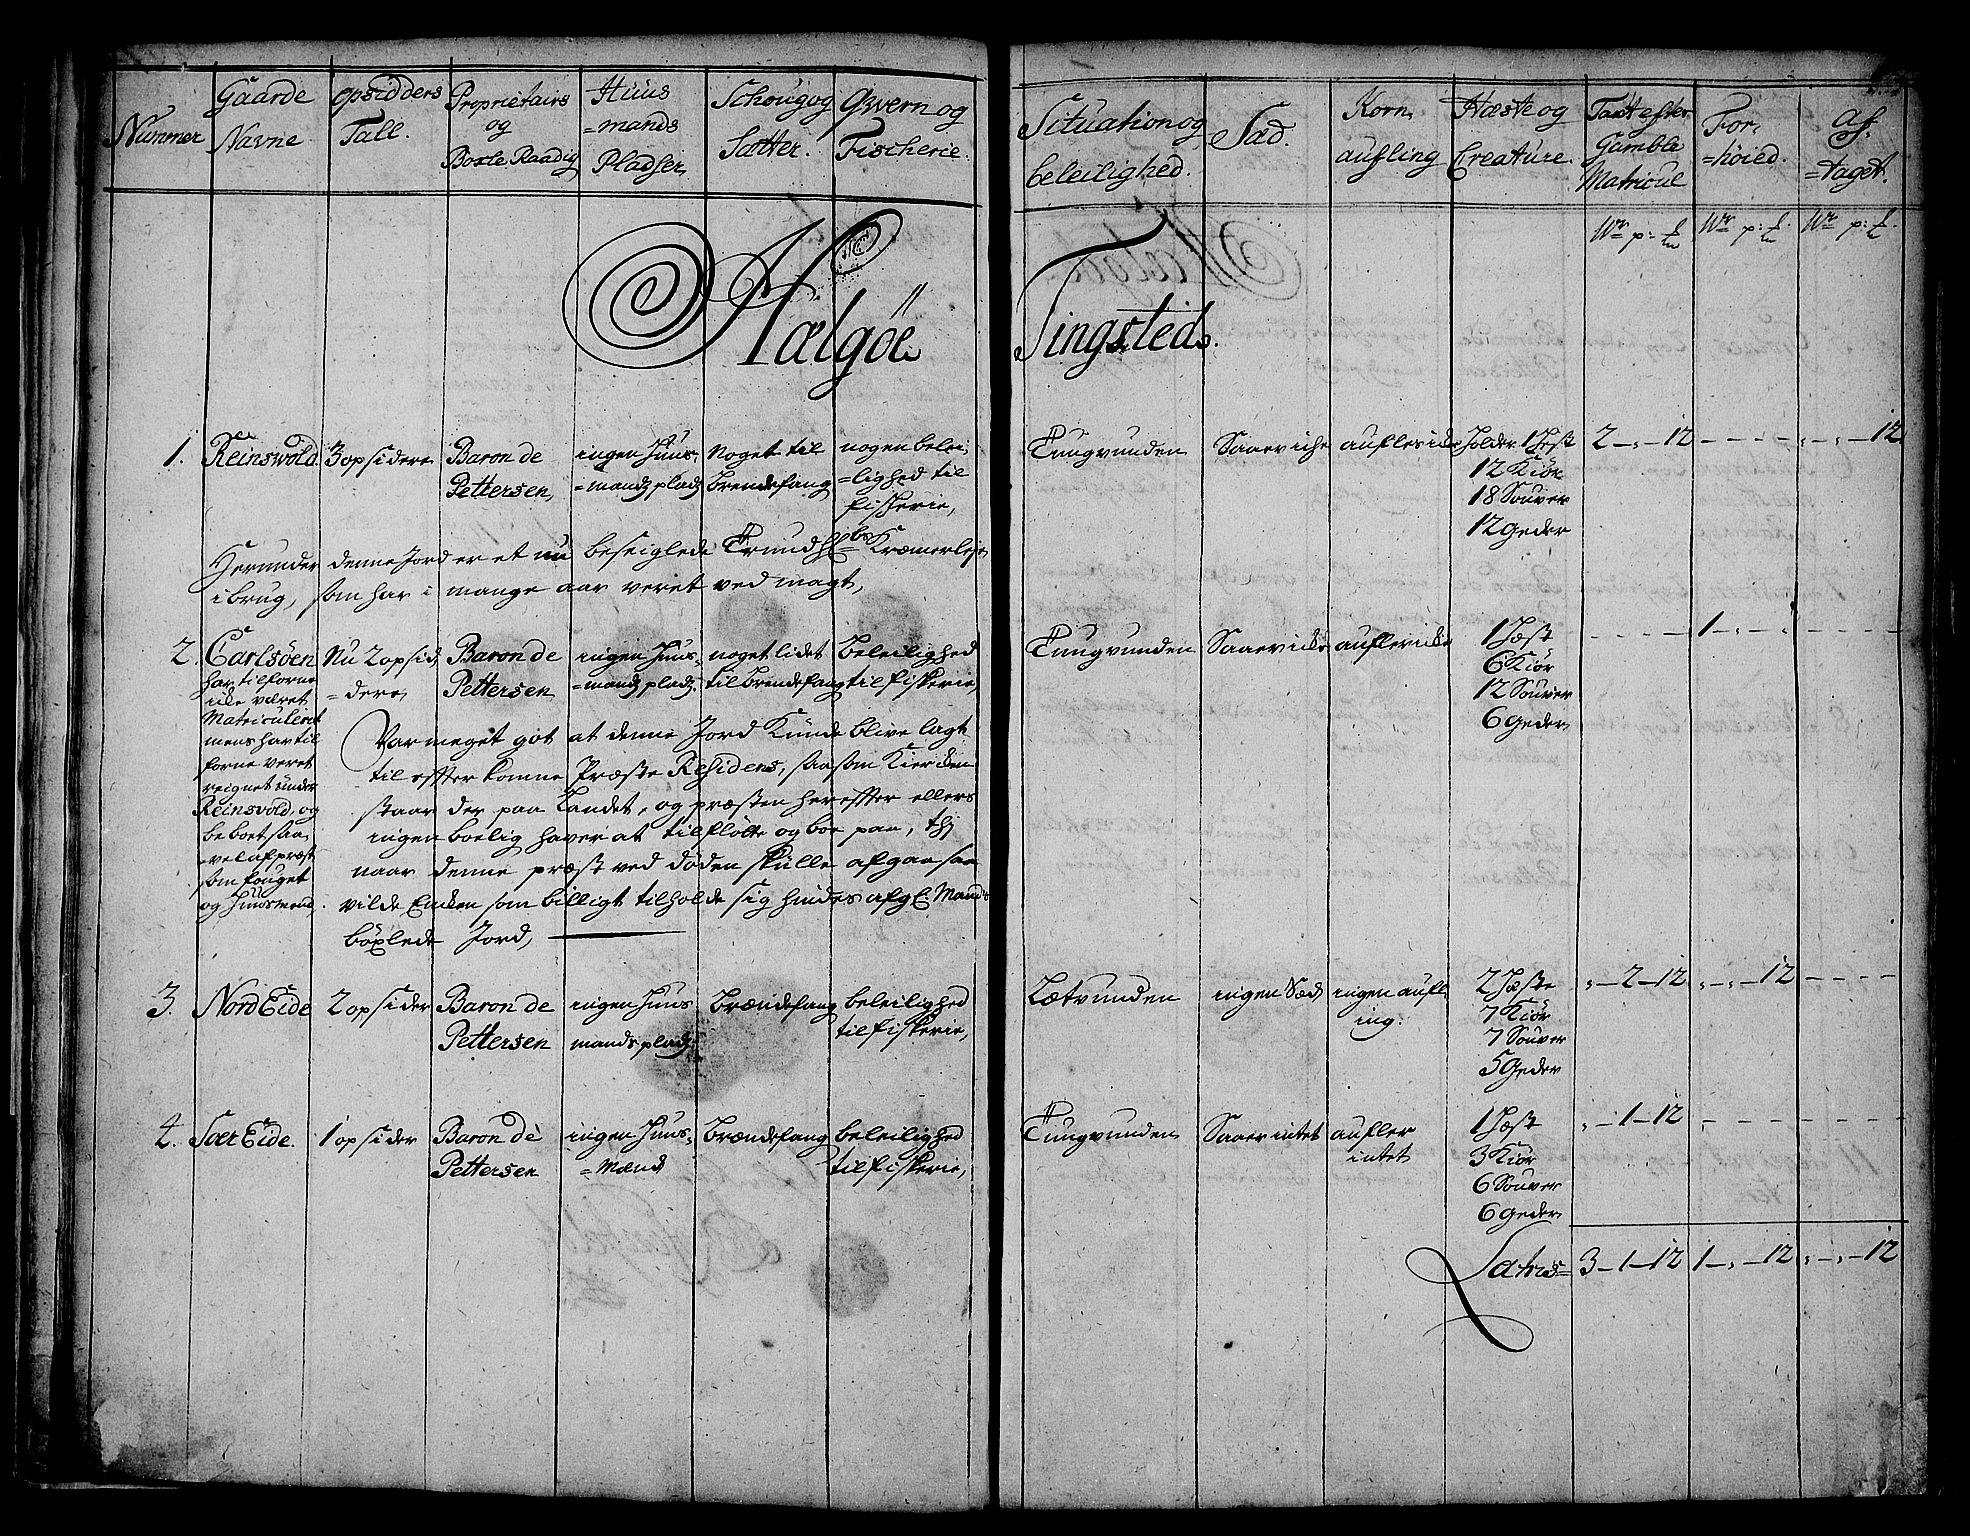 RA, Rentekammeret inntil 1814, Realistisk ordnet avdeling, N/Nb/Nbf/L0180: Troms eksaminasjonsprotokoll, 1723, s. 13b-14a